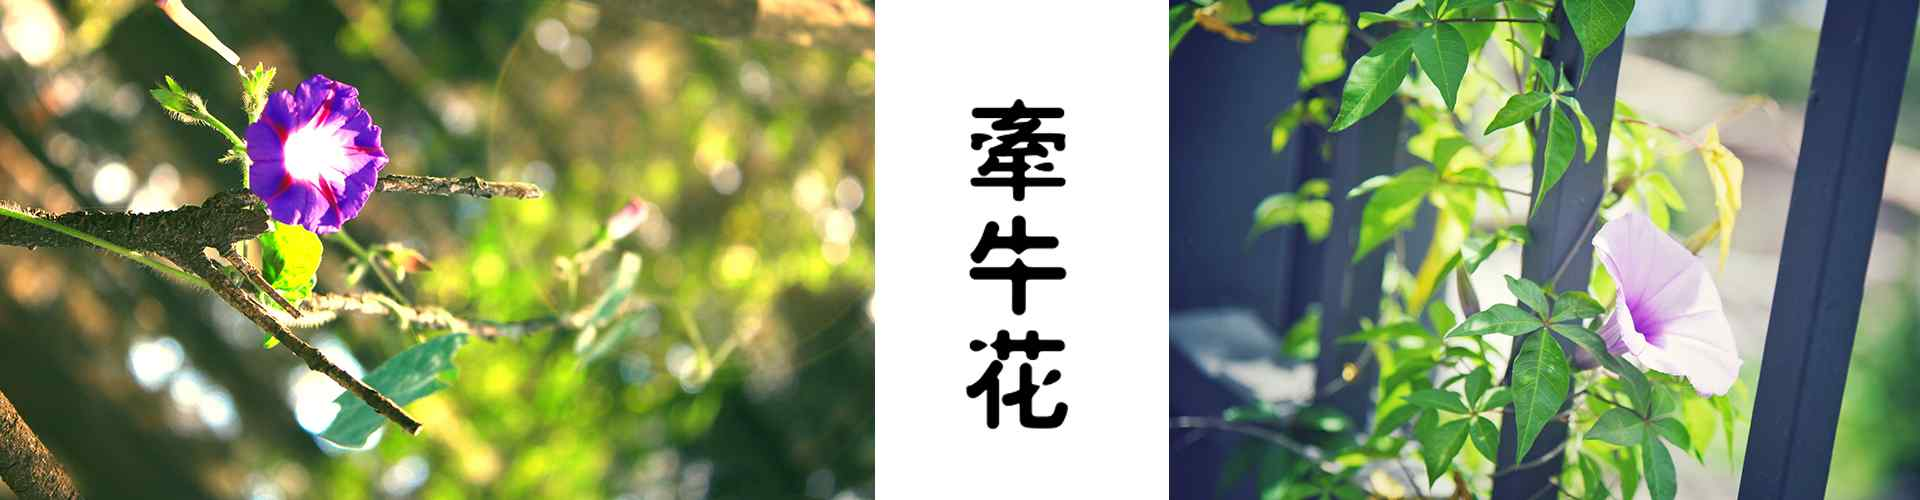 牽牛花_牽牛花圖片_牽牛花花語寓(yu)意(yi)_喇(la)叭花圖片_鮮花圖片大全